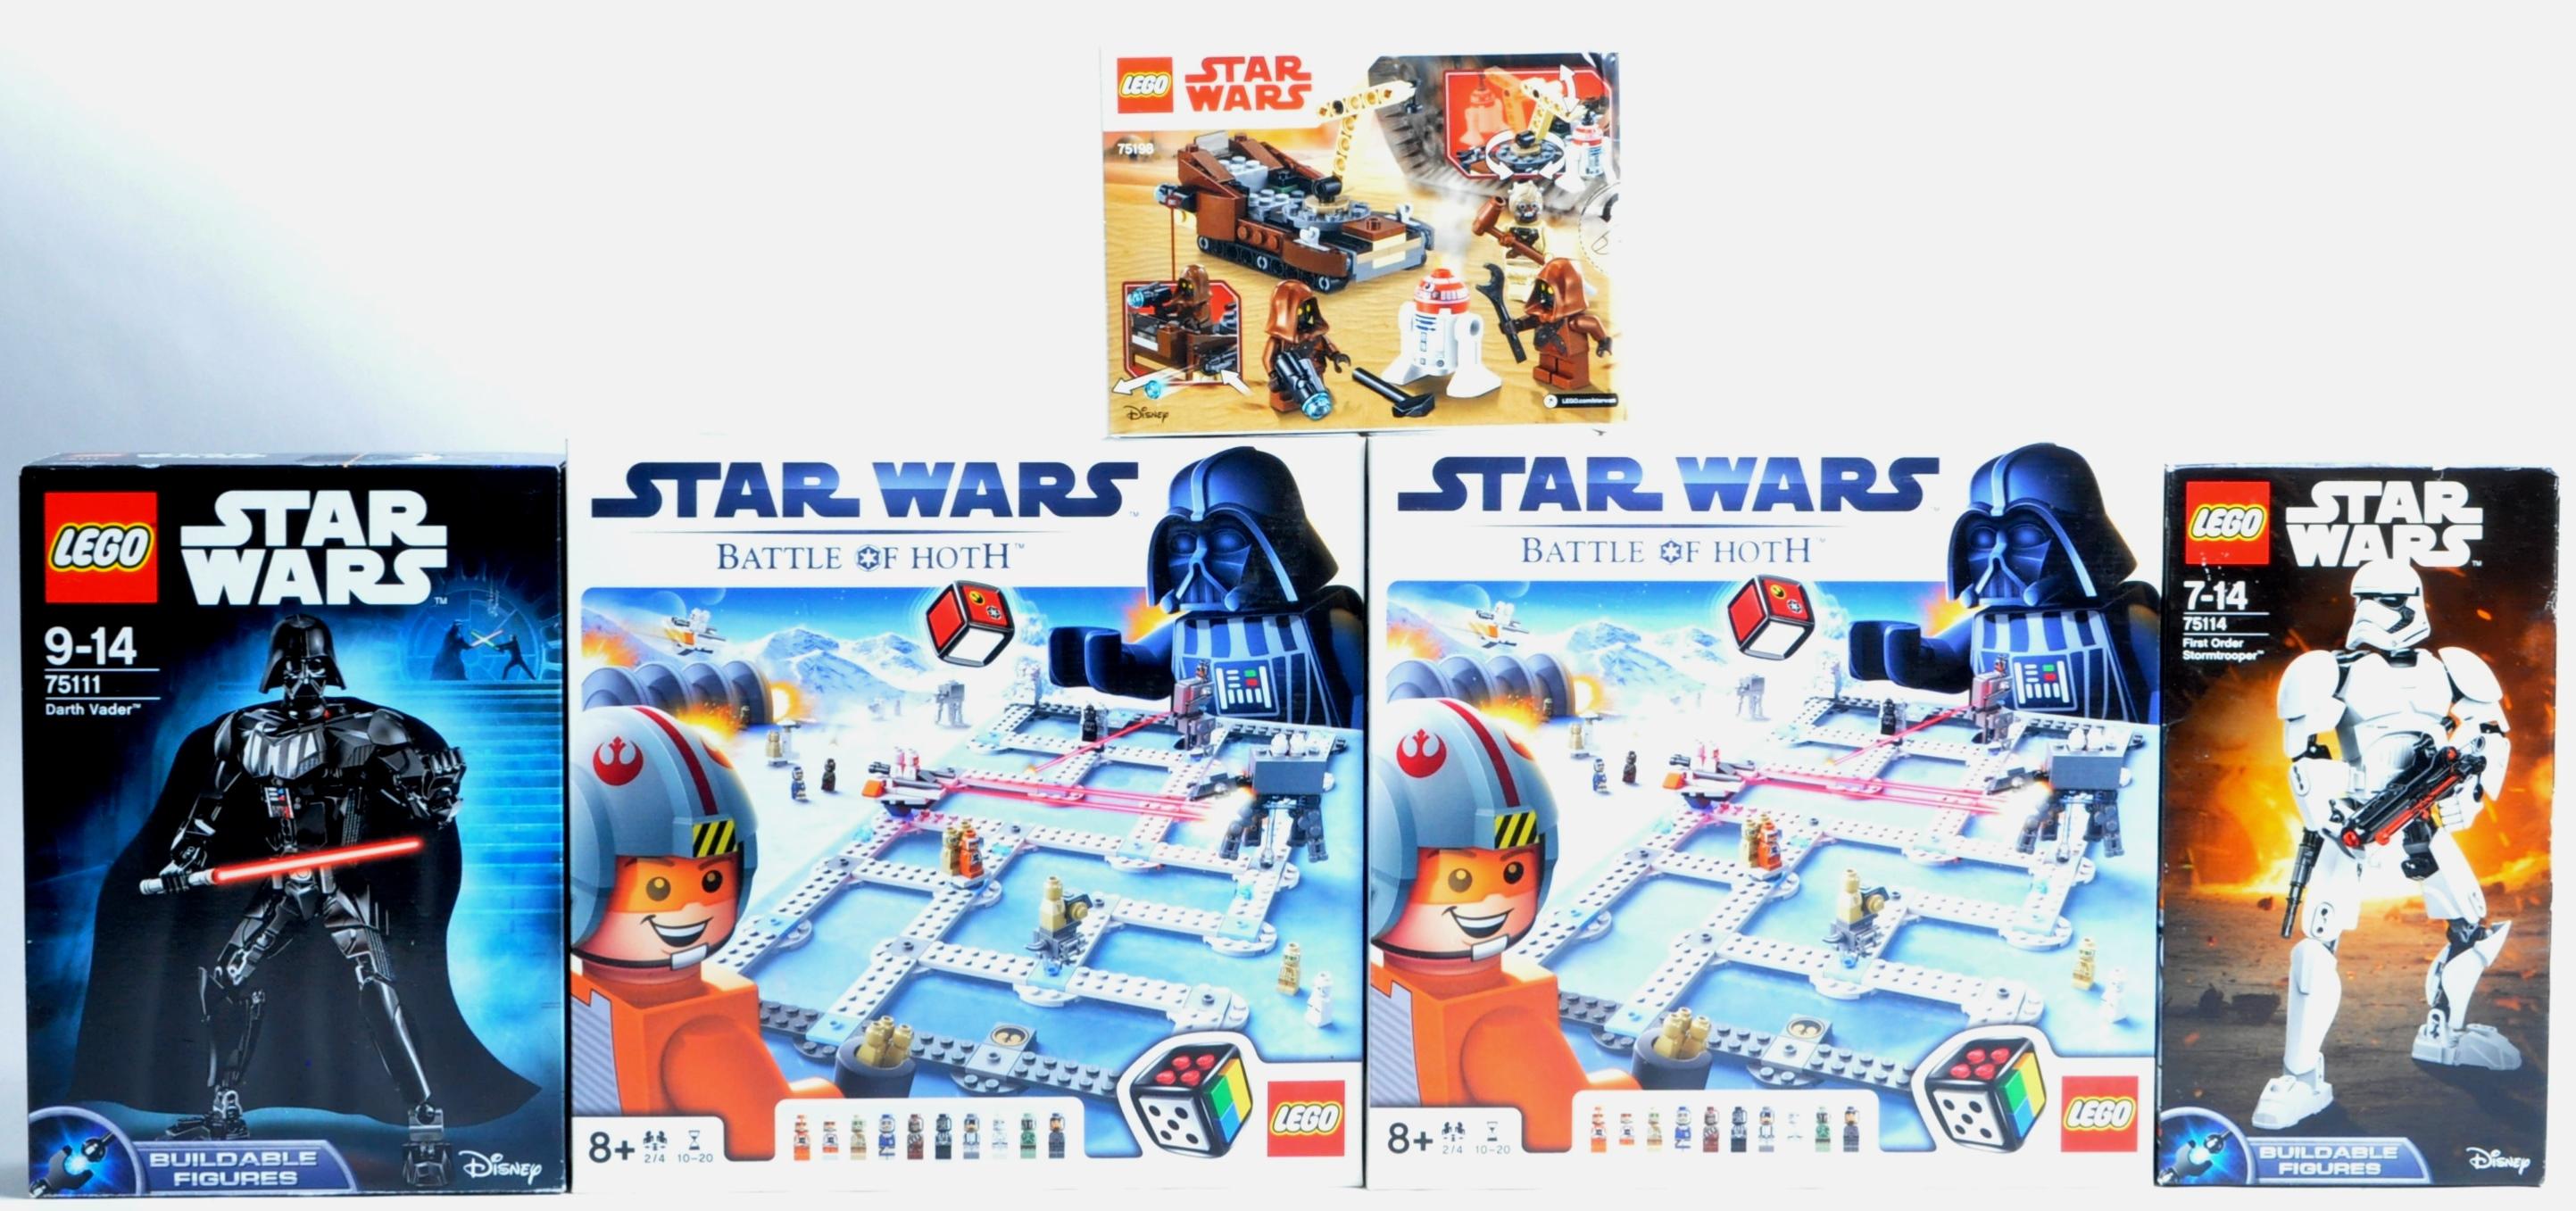 LEGO SETS - LEGO STAR WARS - 3866 / 75111 / 75114 / 75198